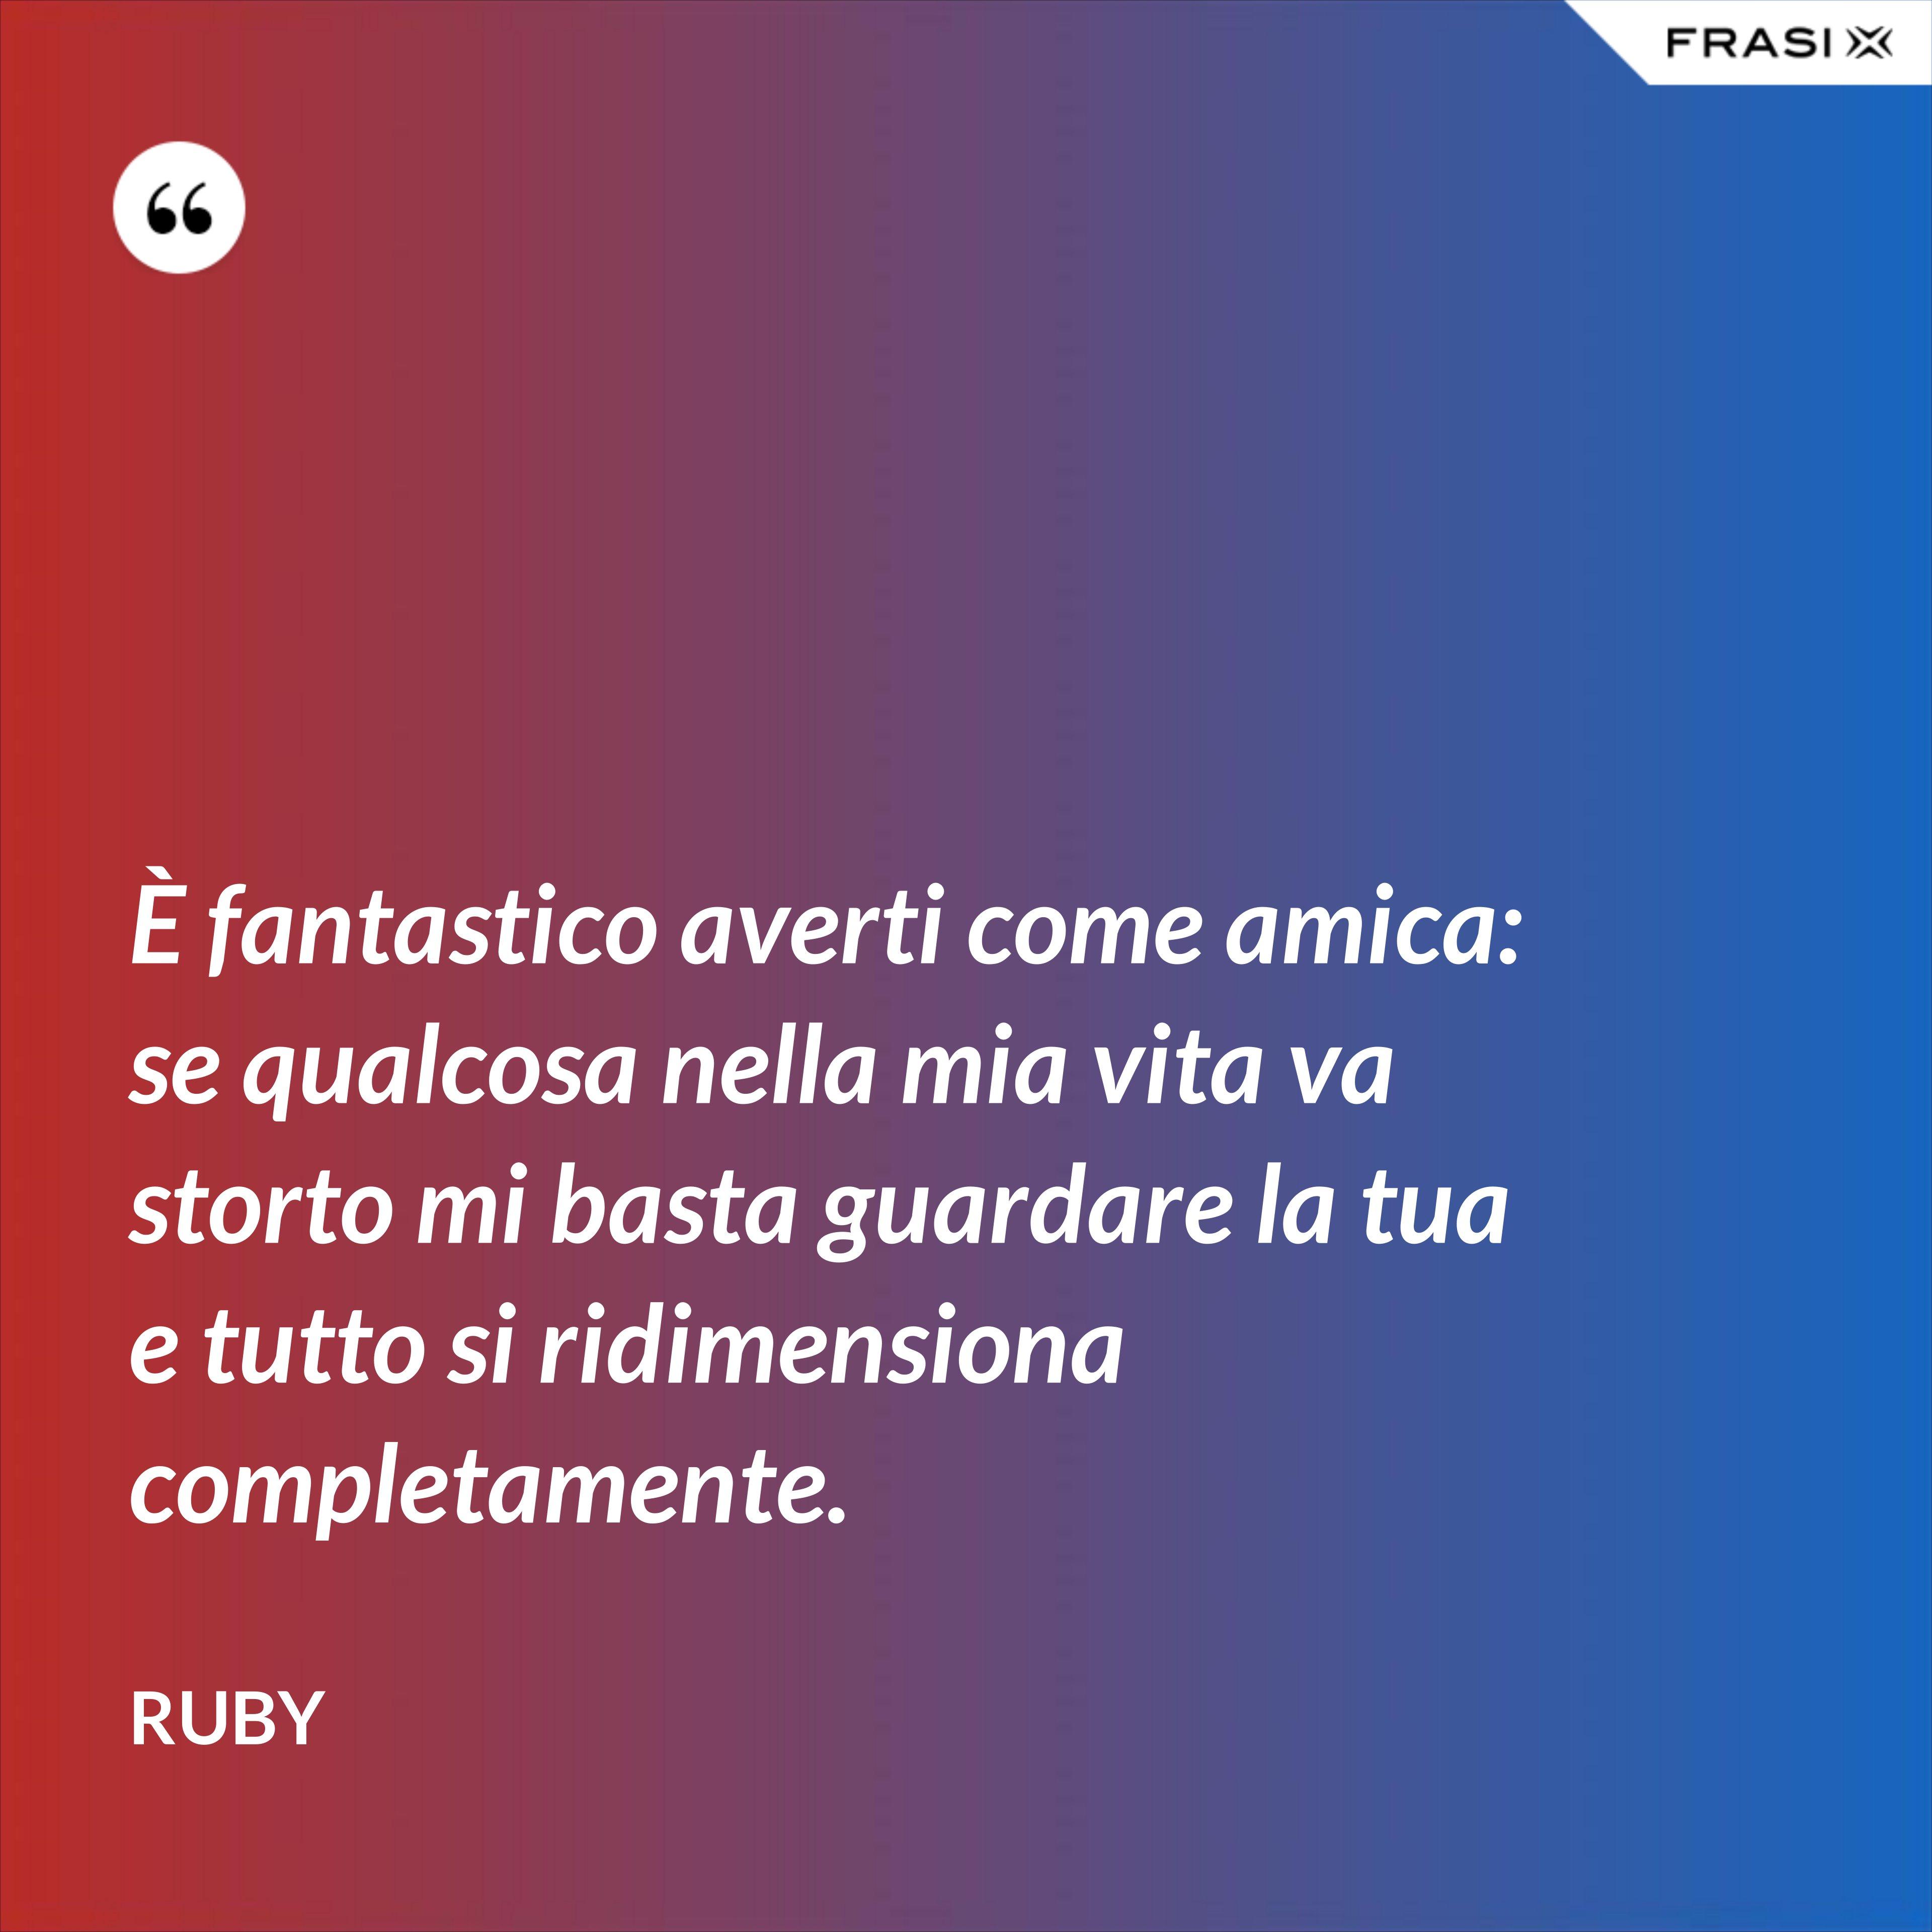 È fantastico averti come amica: se qualcosa nella mia vita va storto mi basta guardare la tua e tutto si ridimensiona completamente. - Ruby